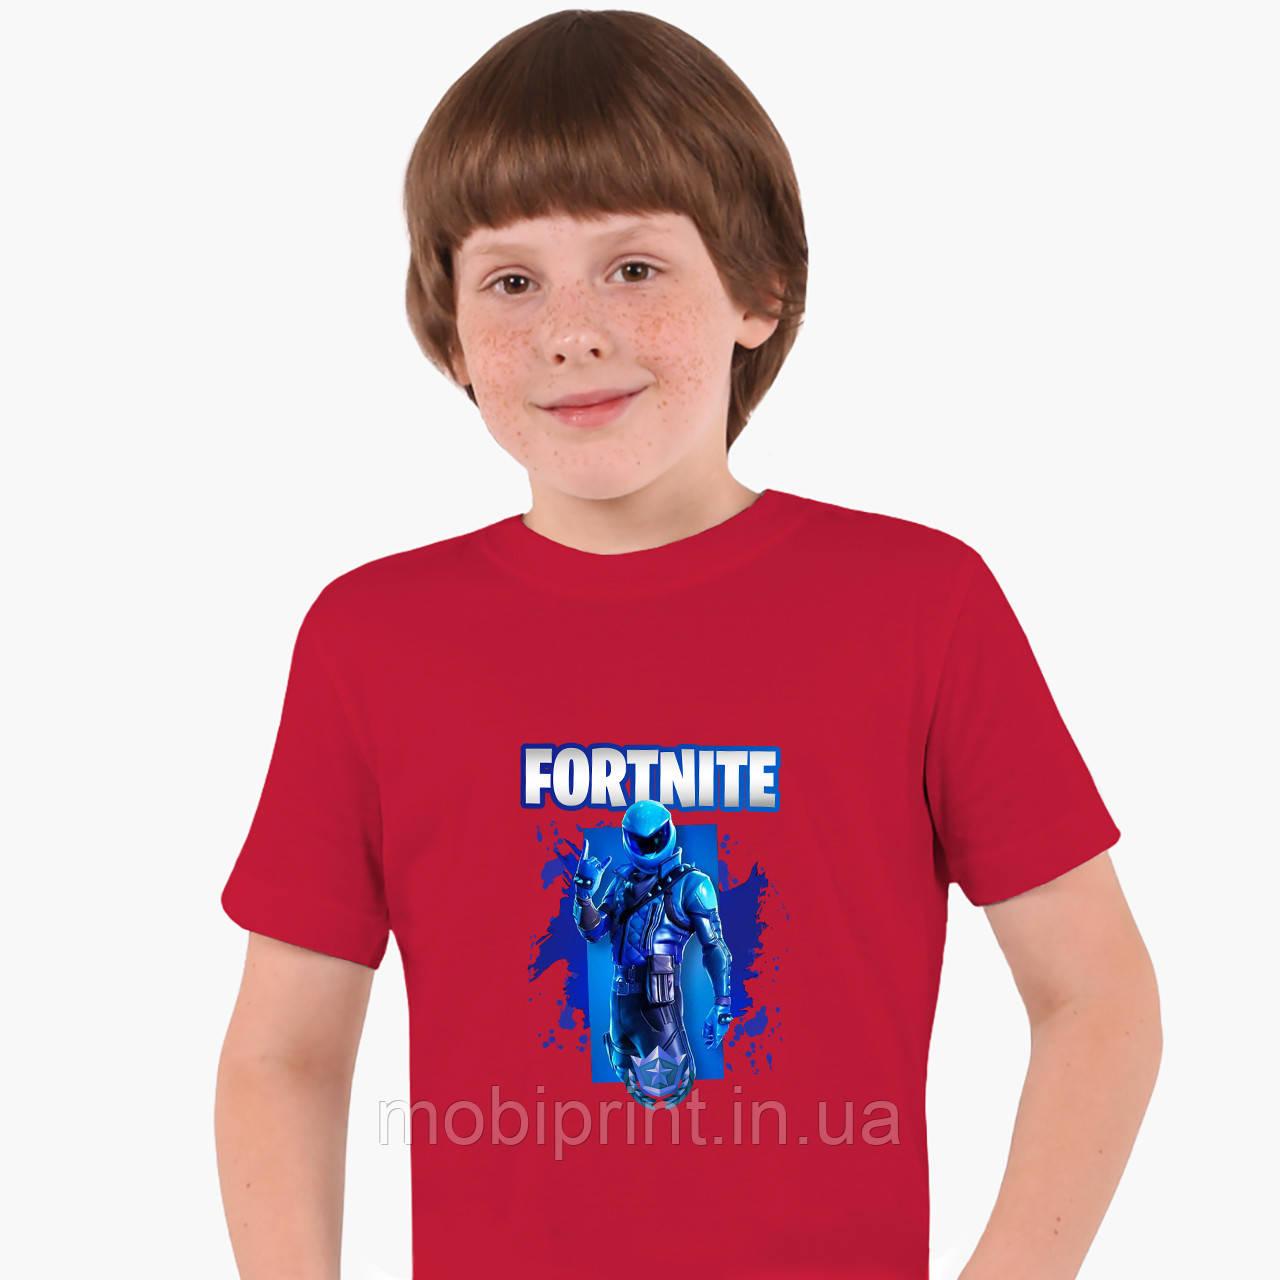 Детская футболка для мальчиков Фортнайт (Fortnite) (25186-1192) Красный